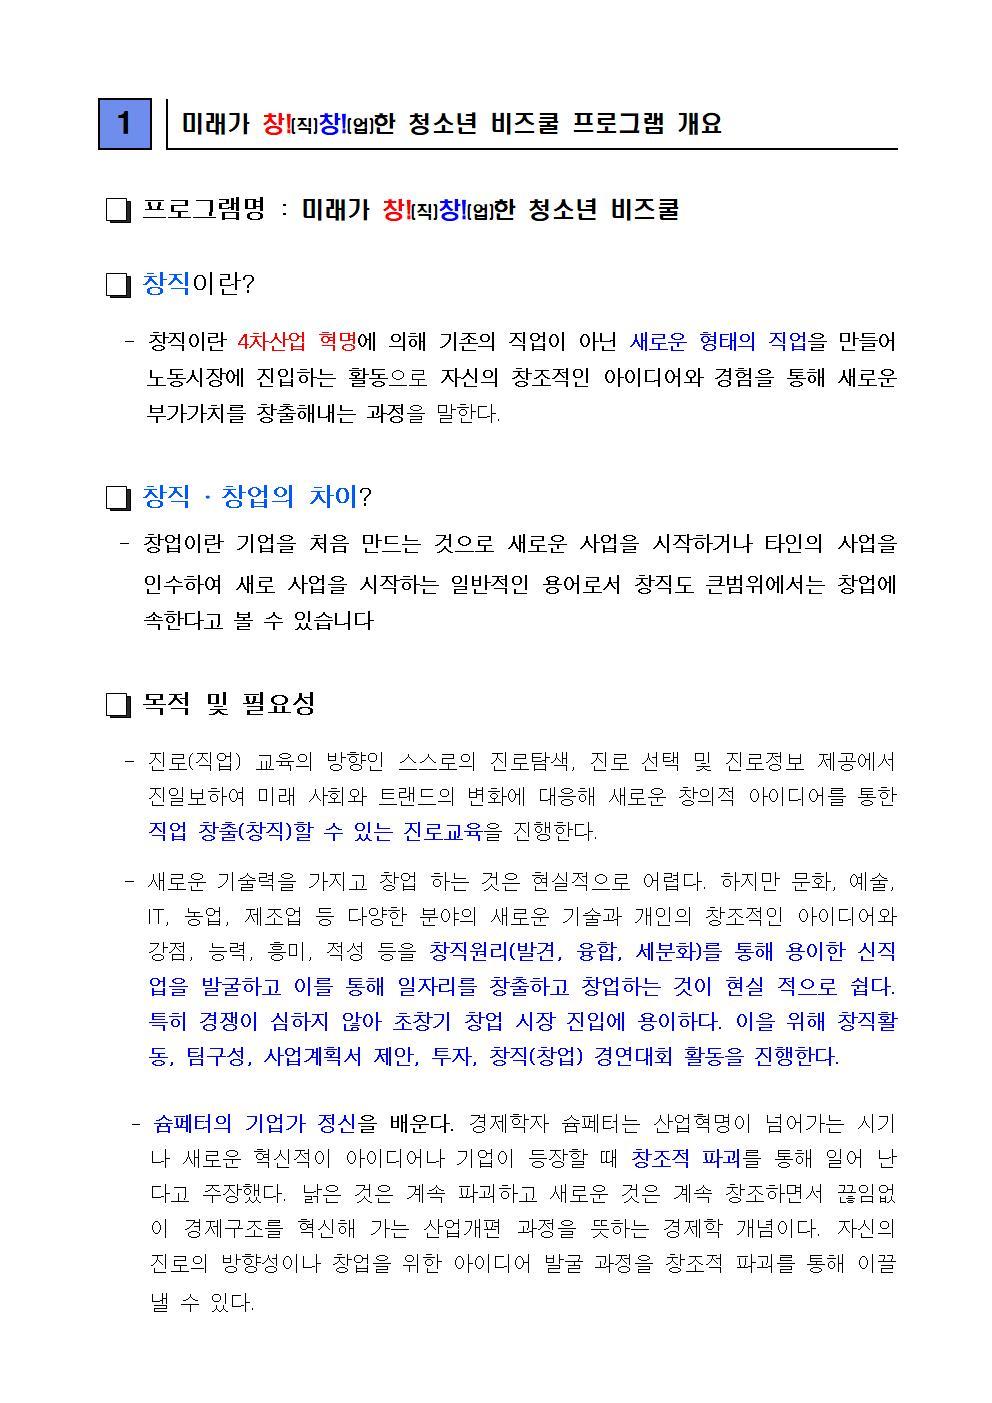 2018 창창한 청소년 비즈쿨 제안서(12p)002.jpg